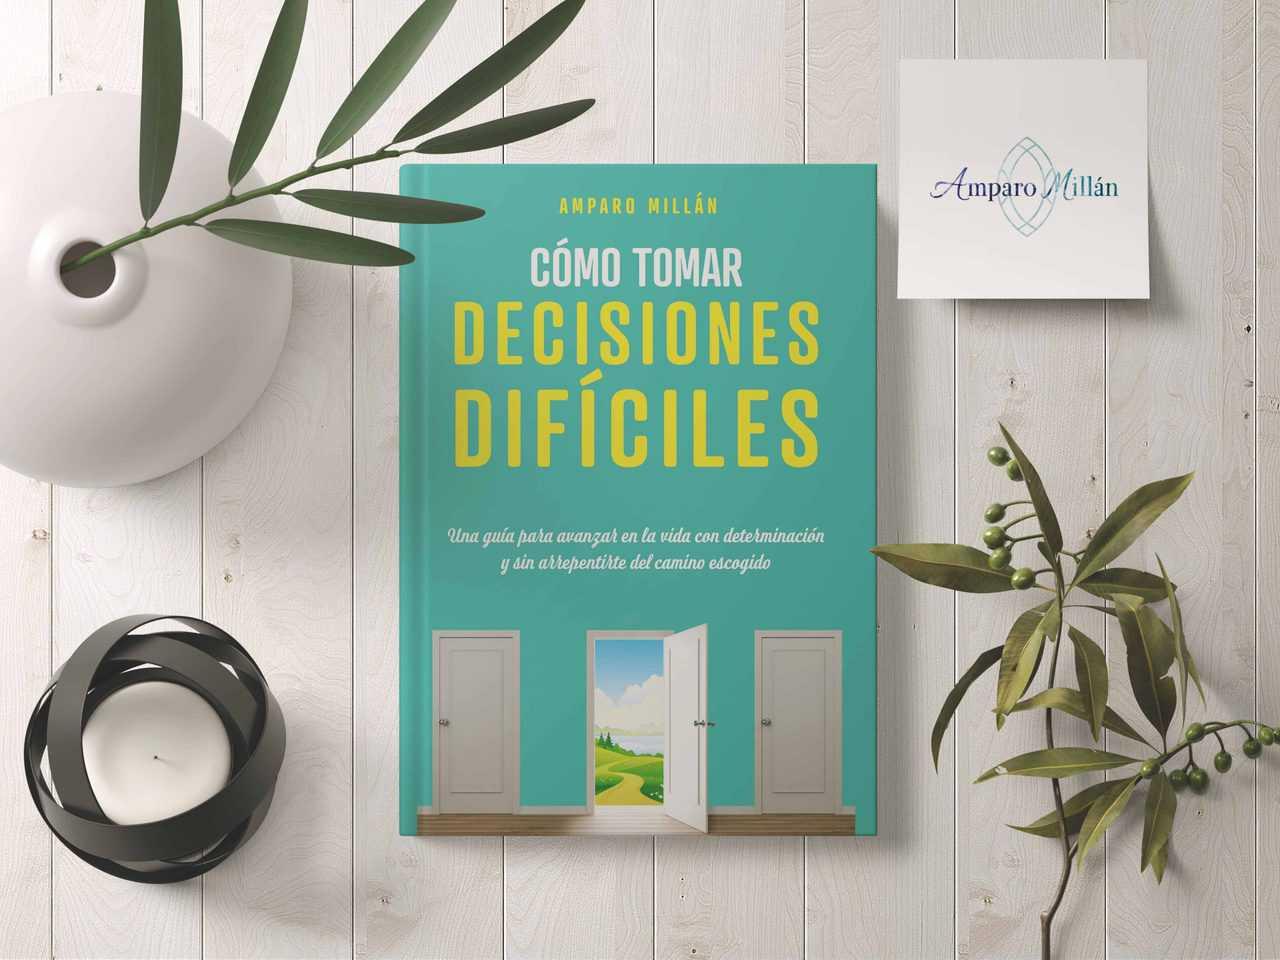 Libro: cómo tomar decisiones difíciles - Amparo Millán